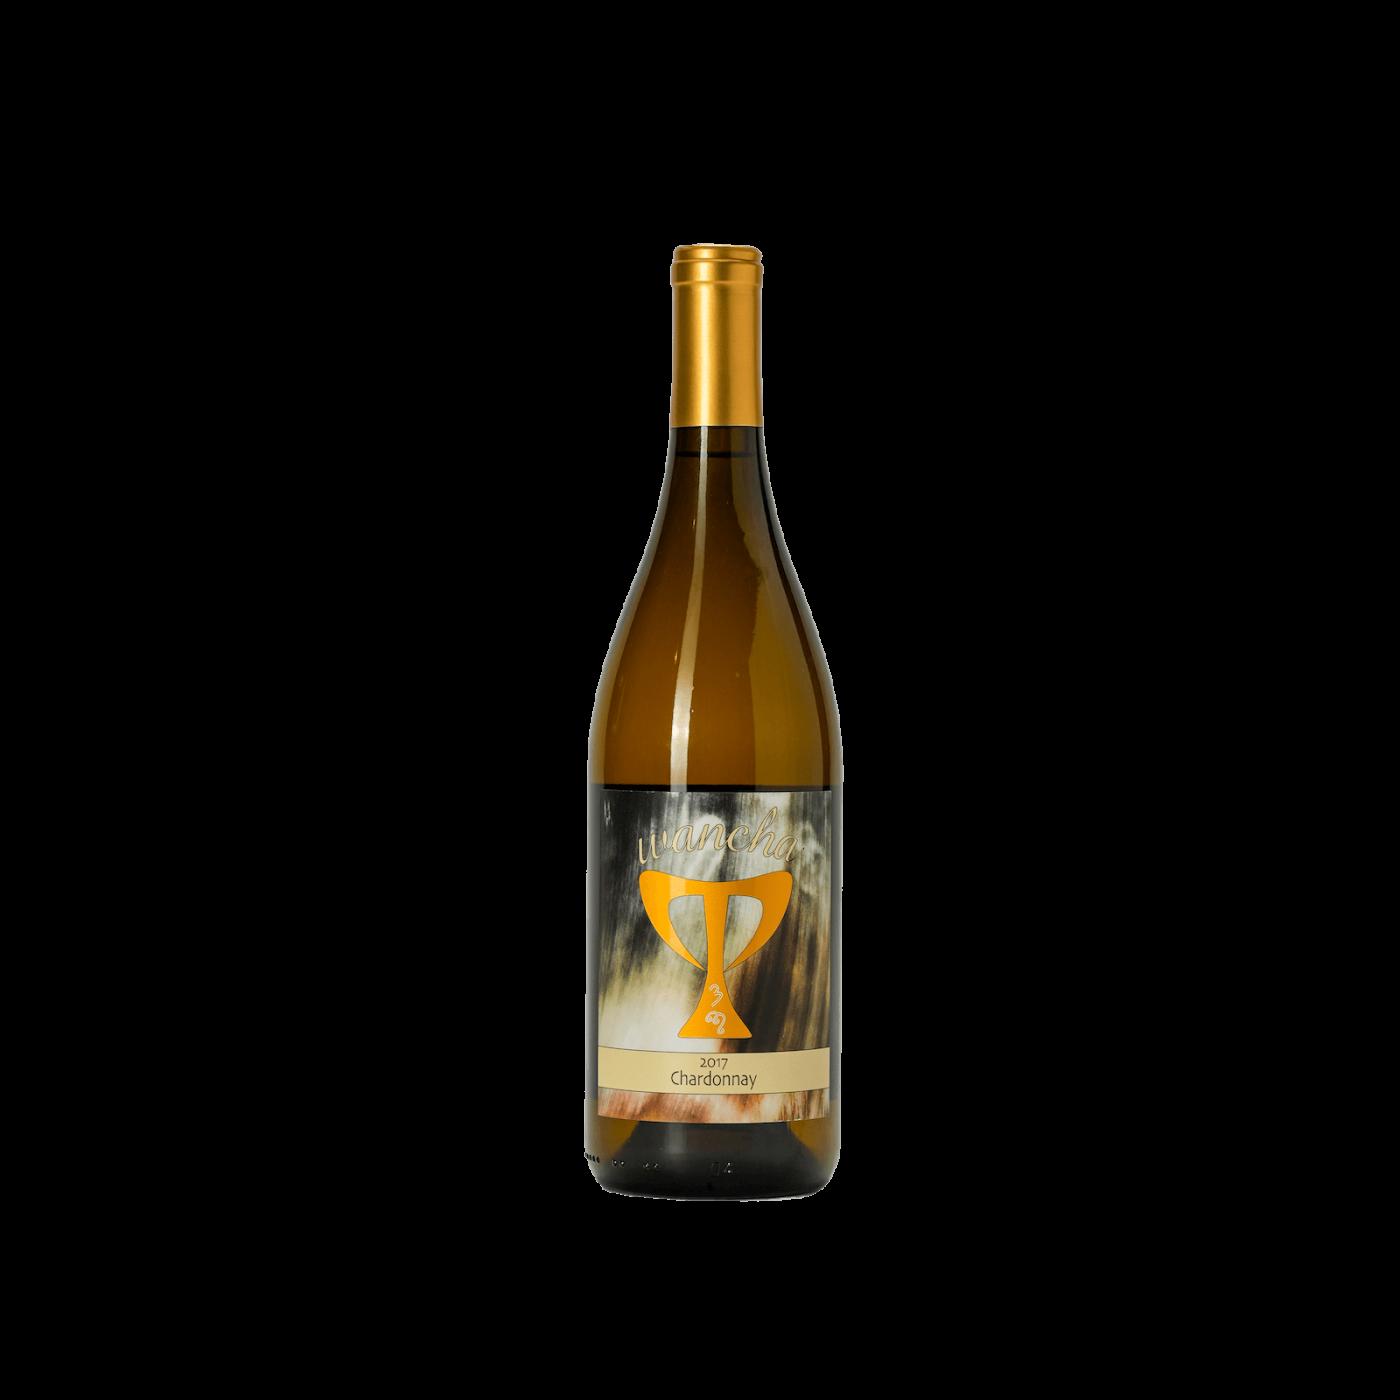 Wancha Chardonnay